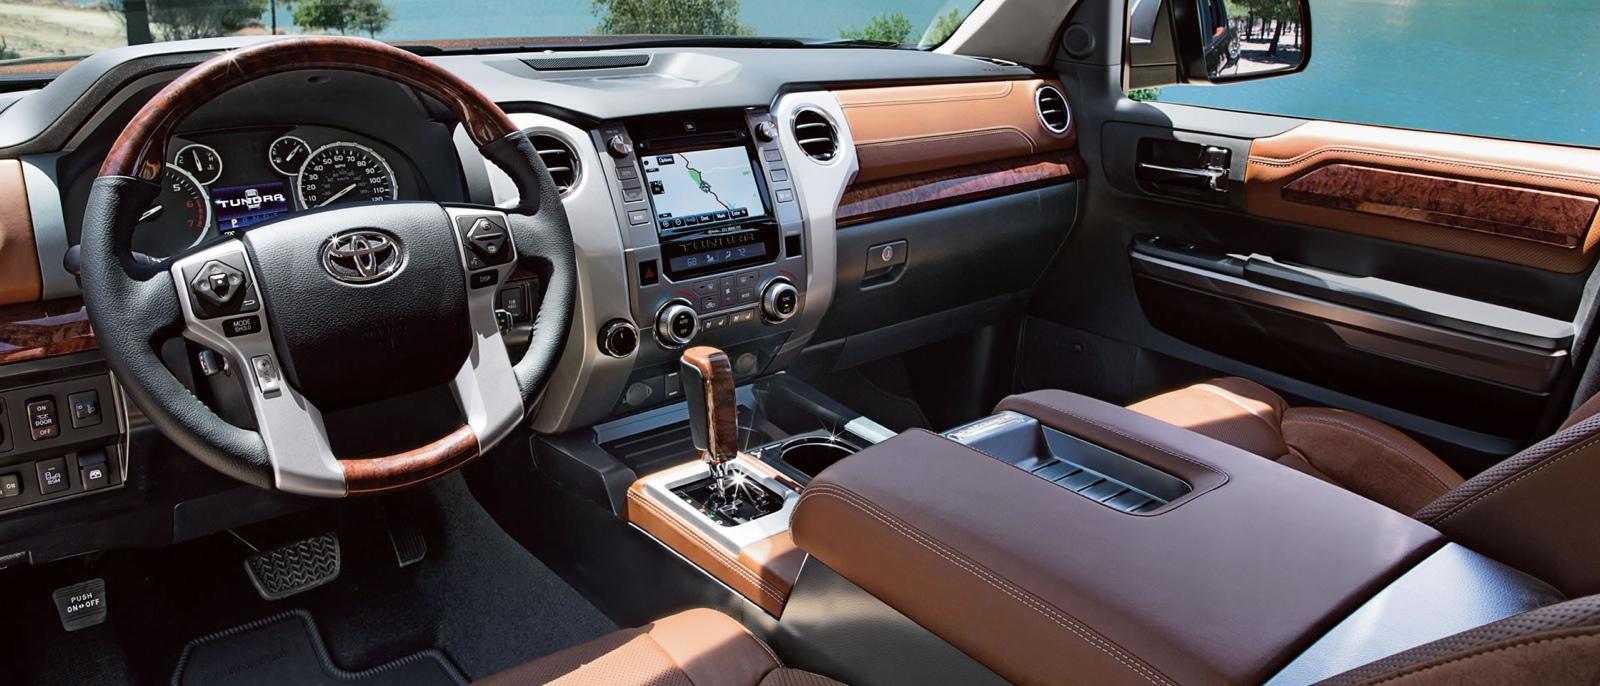 2000 Toyota Tundra Interior Lights Best 2018 Trailer Wiring Harness Installation 2002 Dash1